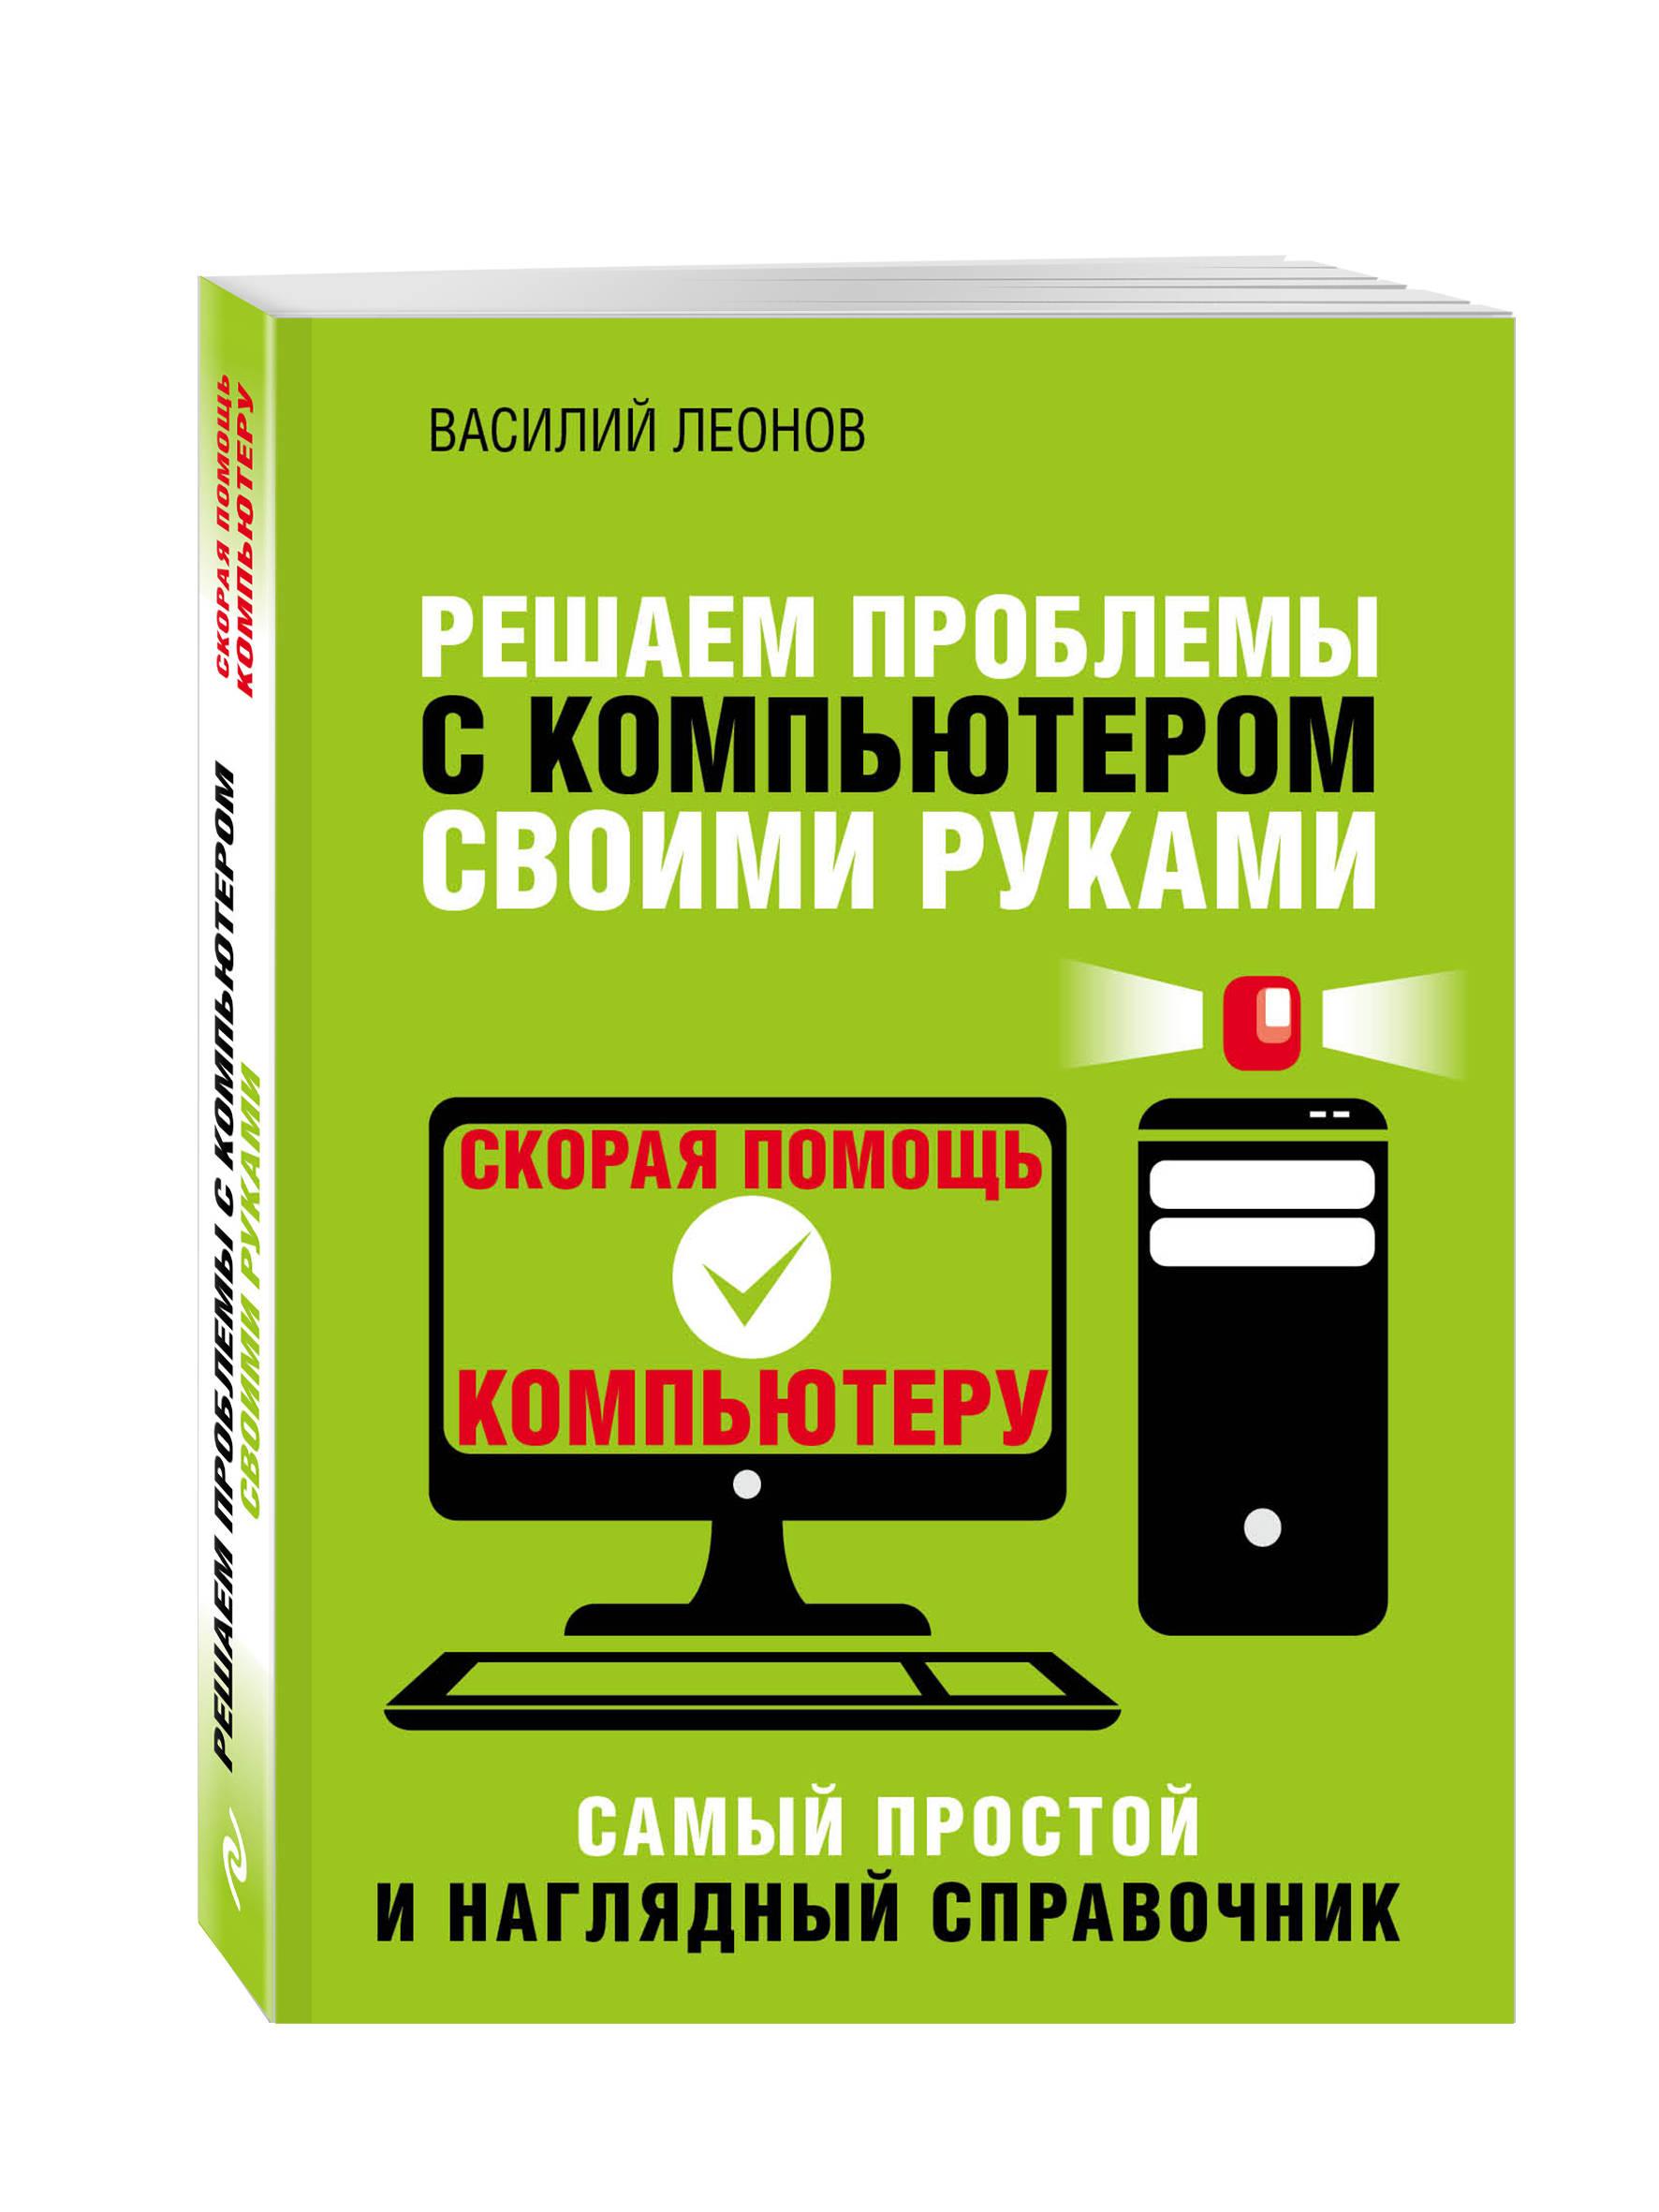 Леонов В. Решаем проблемы с компьютером своими руками леонов в решаем проблемы с компьютером своими руками